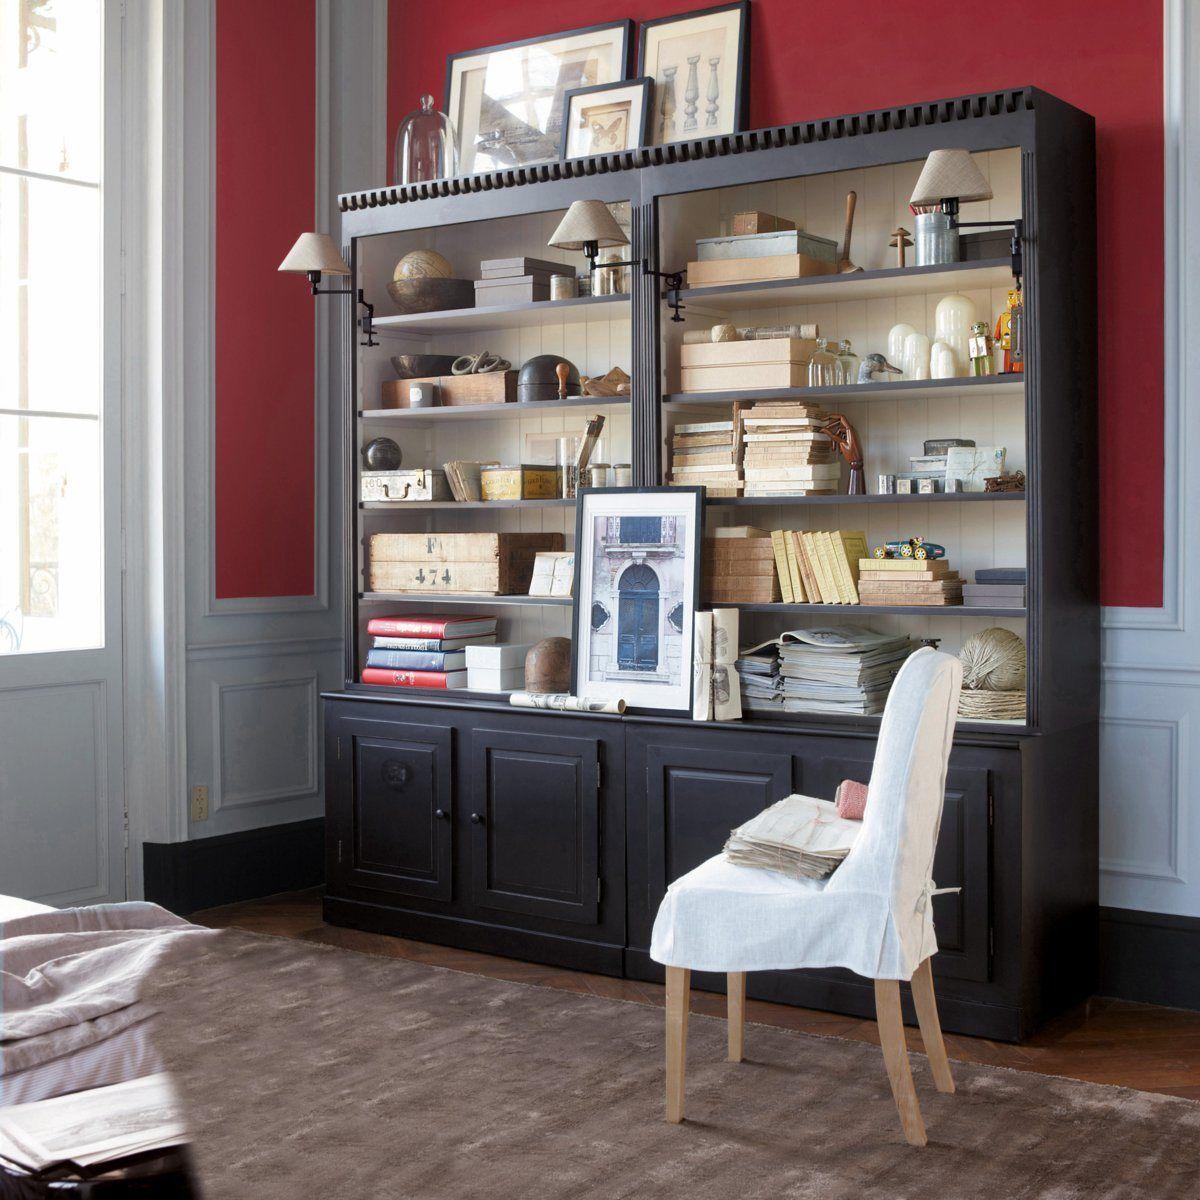 La Redoute Mode Francaise Mobilier De Salon Decoration Maison Mobilier